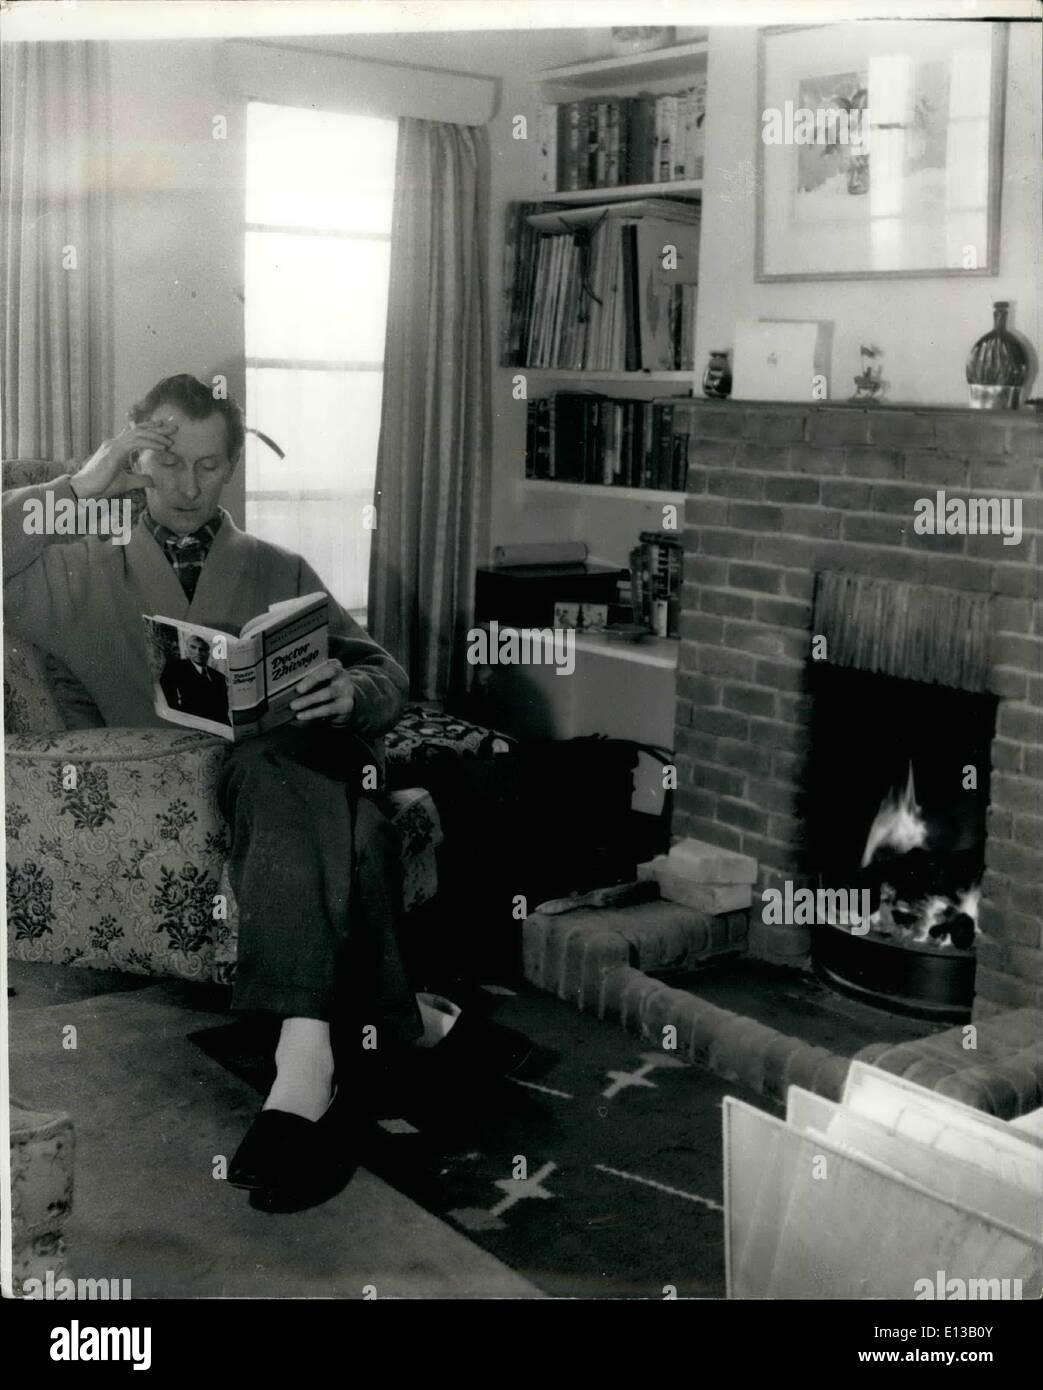 Febrero 29, 2012 - Peter Cushing está actualmente inmerso en un best seller. Foto de stock